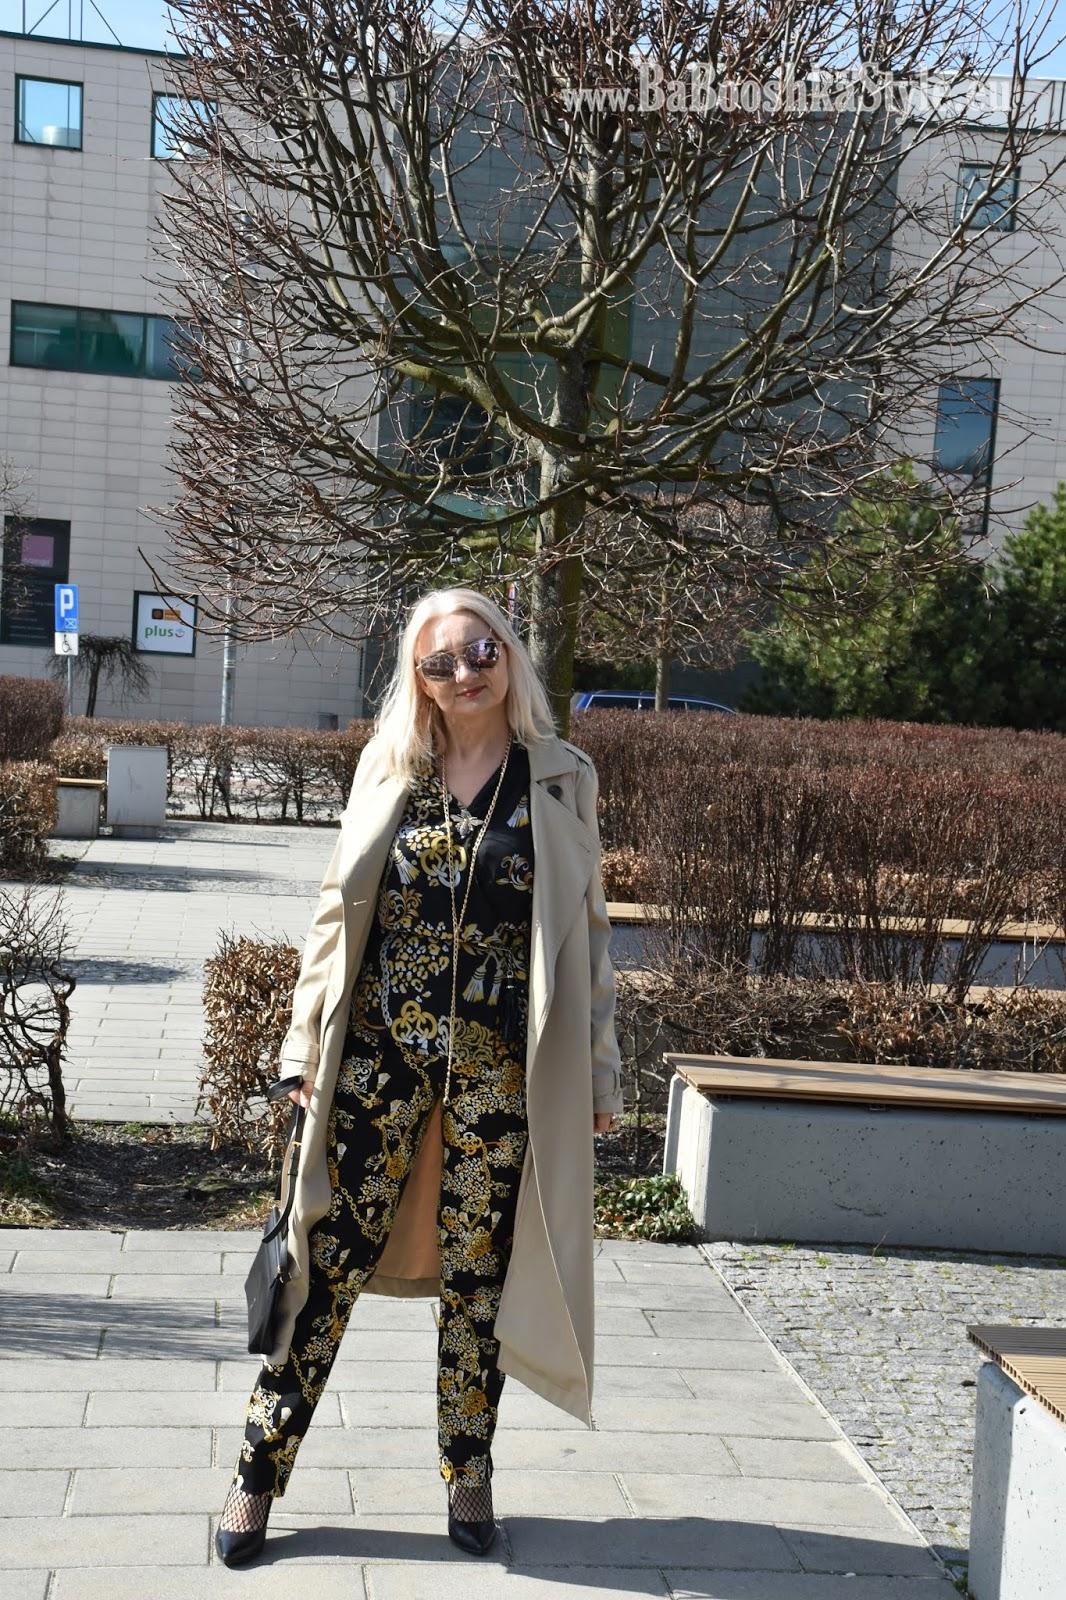 Babooshkastyle, Stylistka, Bonprix, włoska moda, Versace, włoski styl, over50plus, fahsionblogger, fashionstyle, Bonpirx, polecam